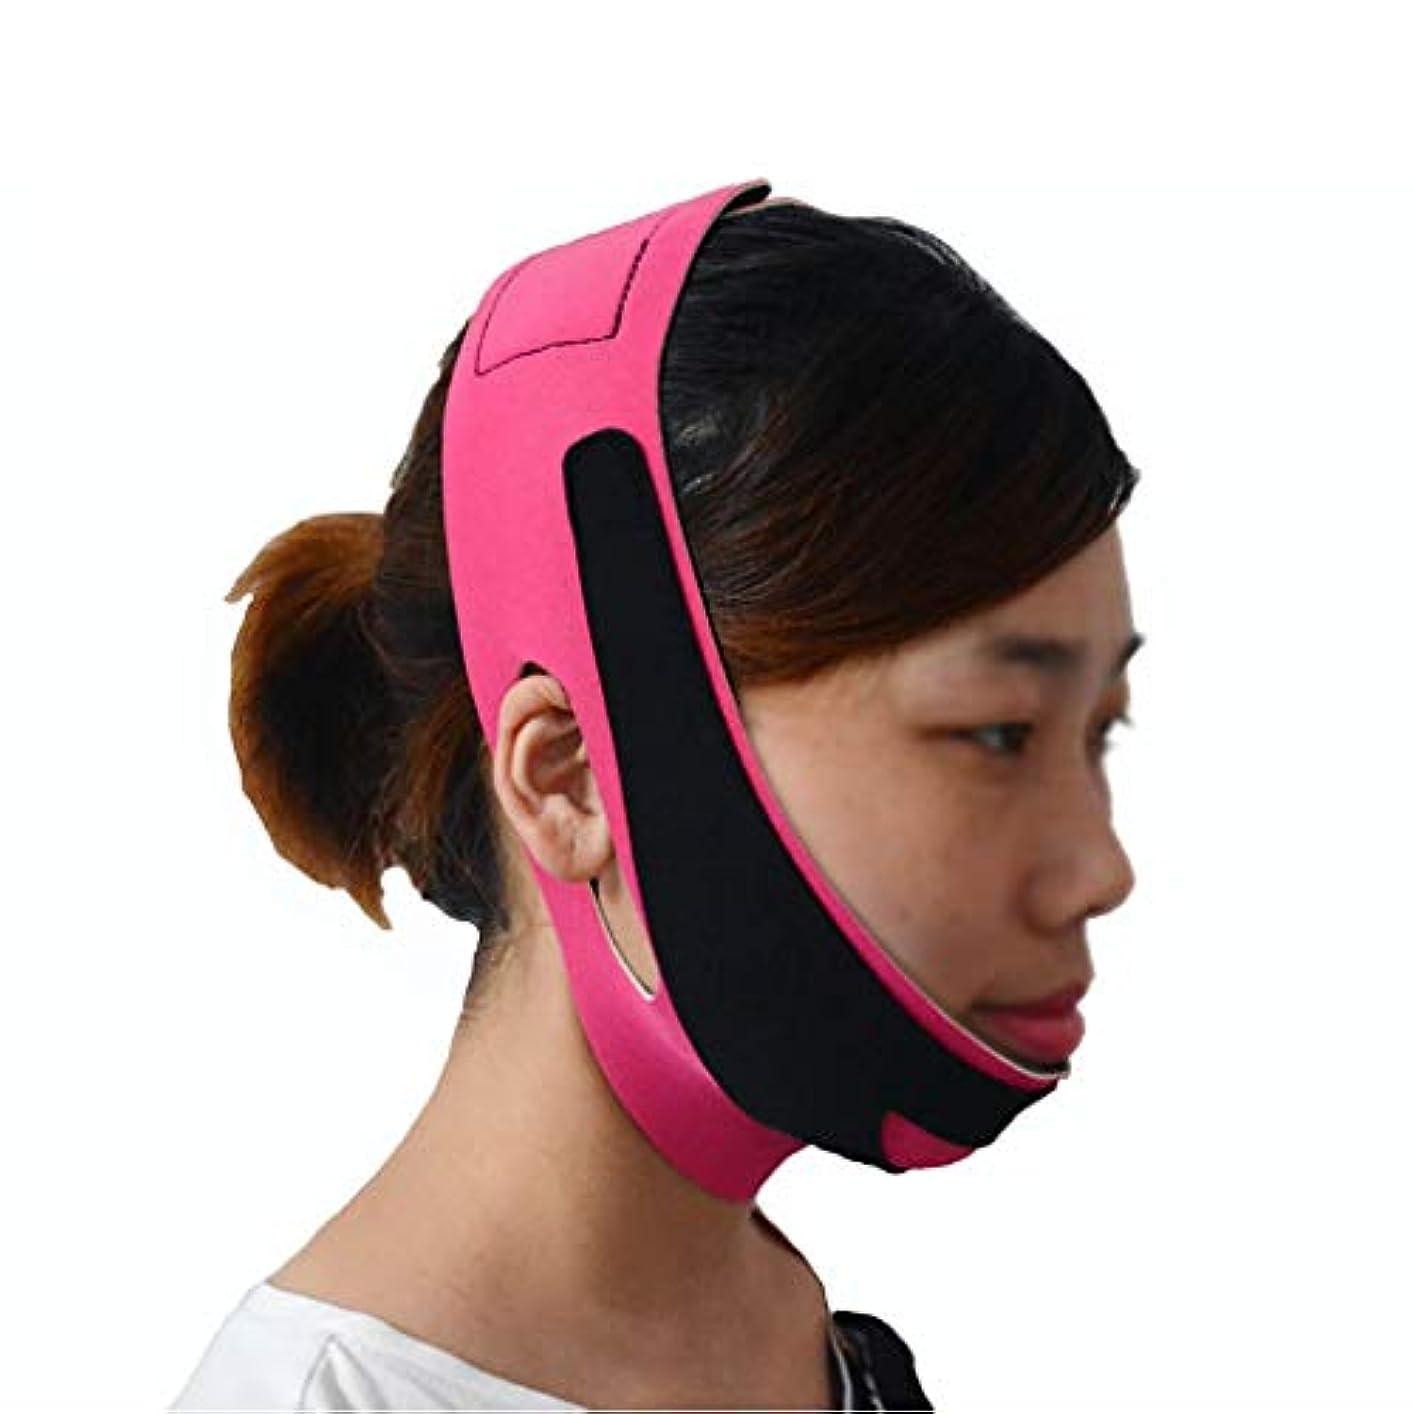 中に葬儀厚さ顔面マスク、顔面リフトマスク薄い顔をあごに薄く包帯V顔アーティファクトに直面する